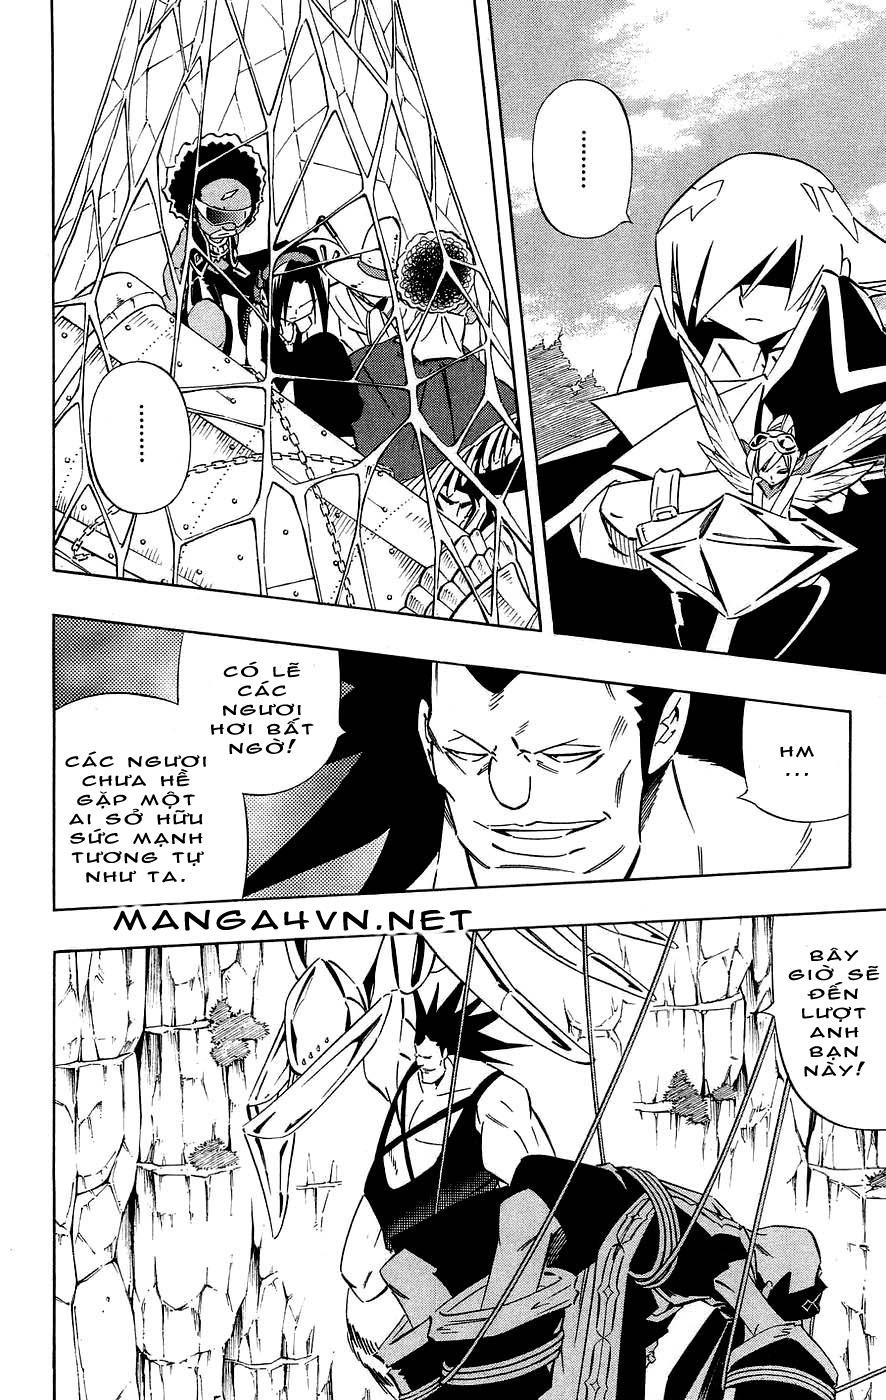 Vua Pháp Thuật-Shaman King chap 272 Trang 4 - Mangak.info